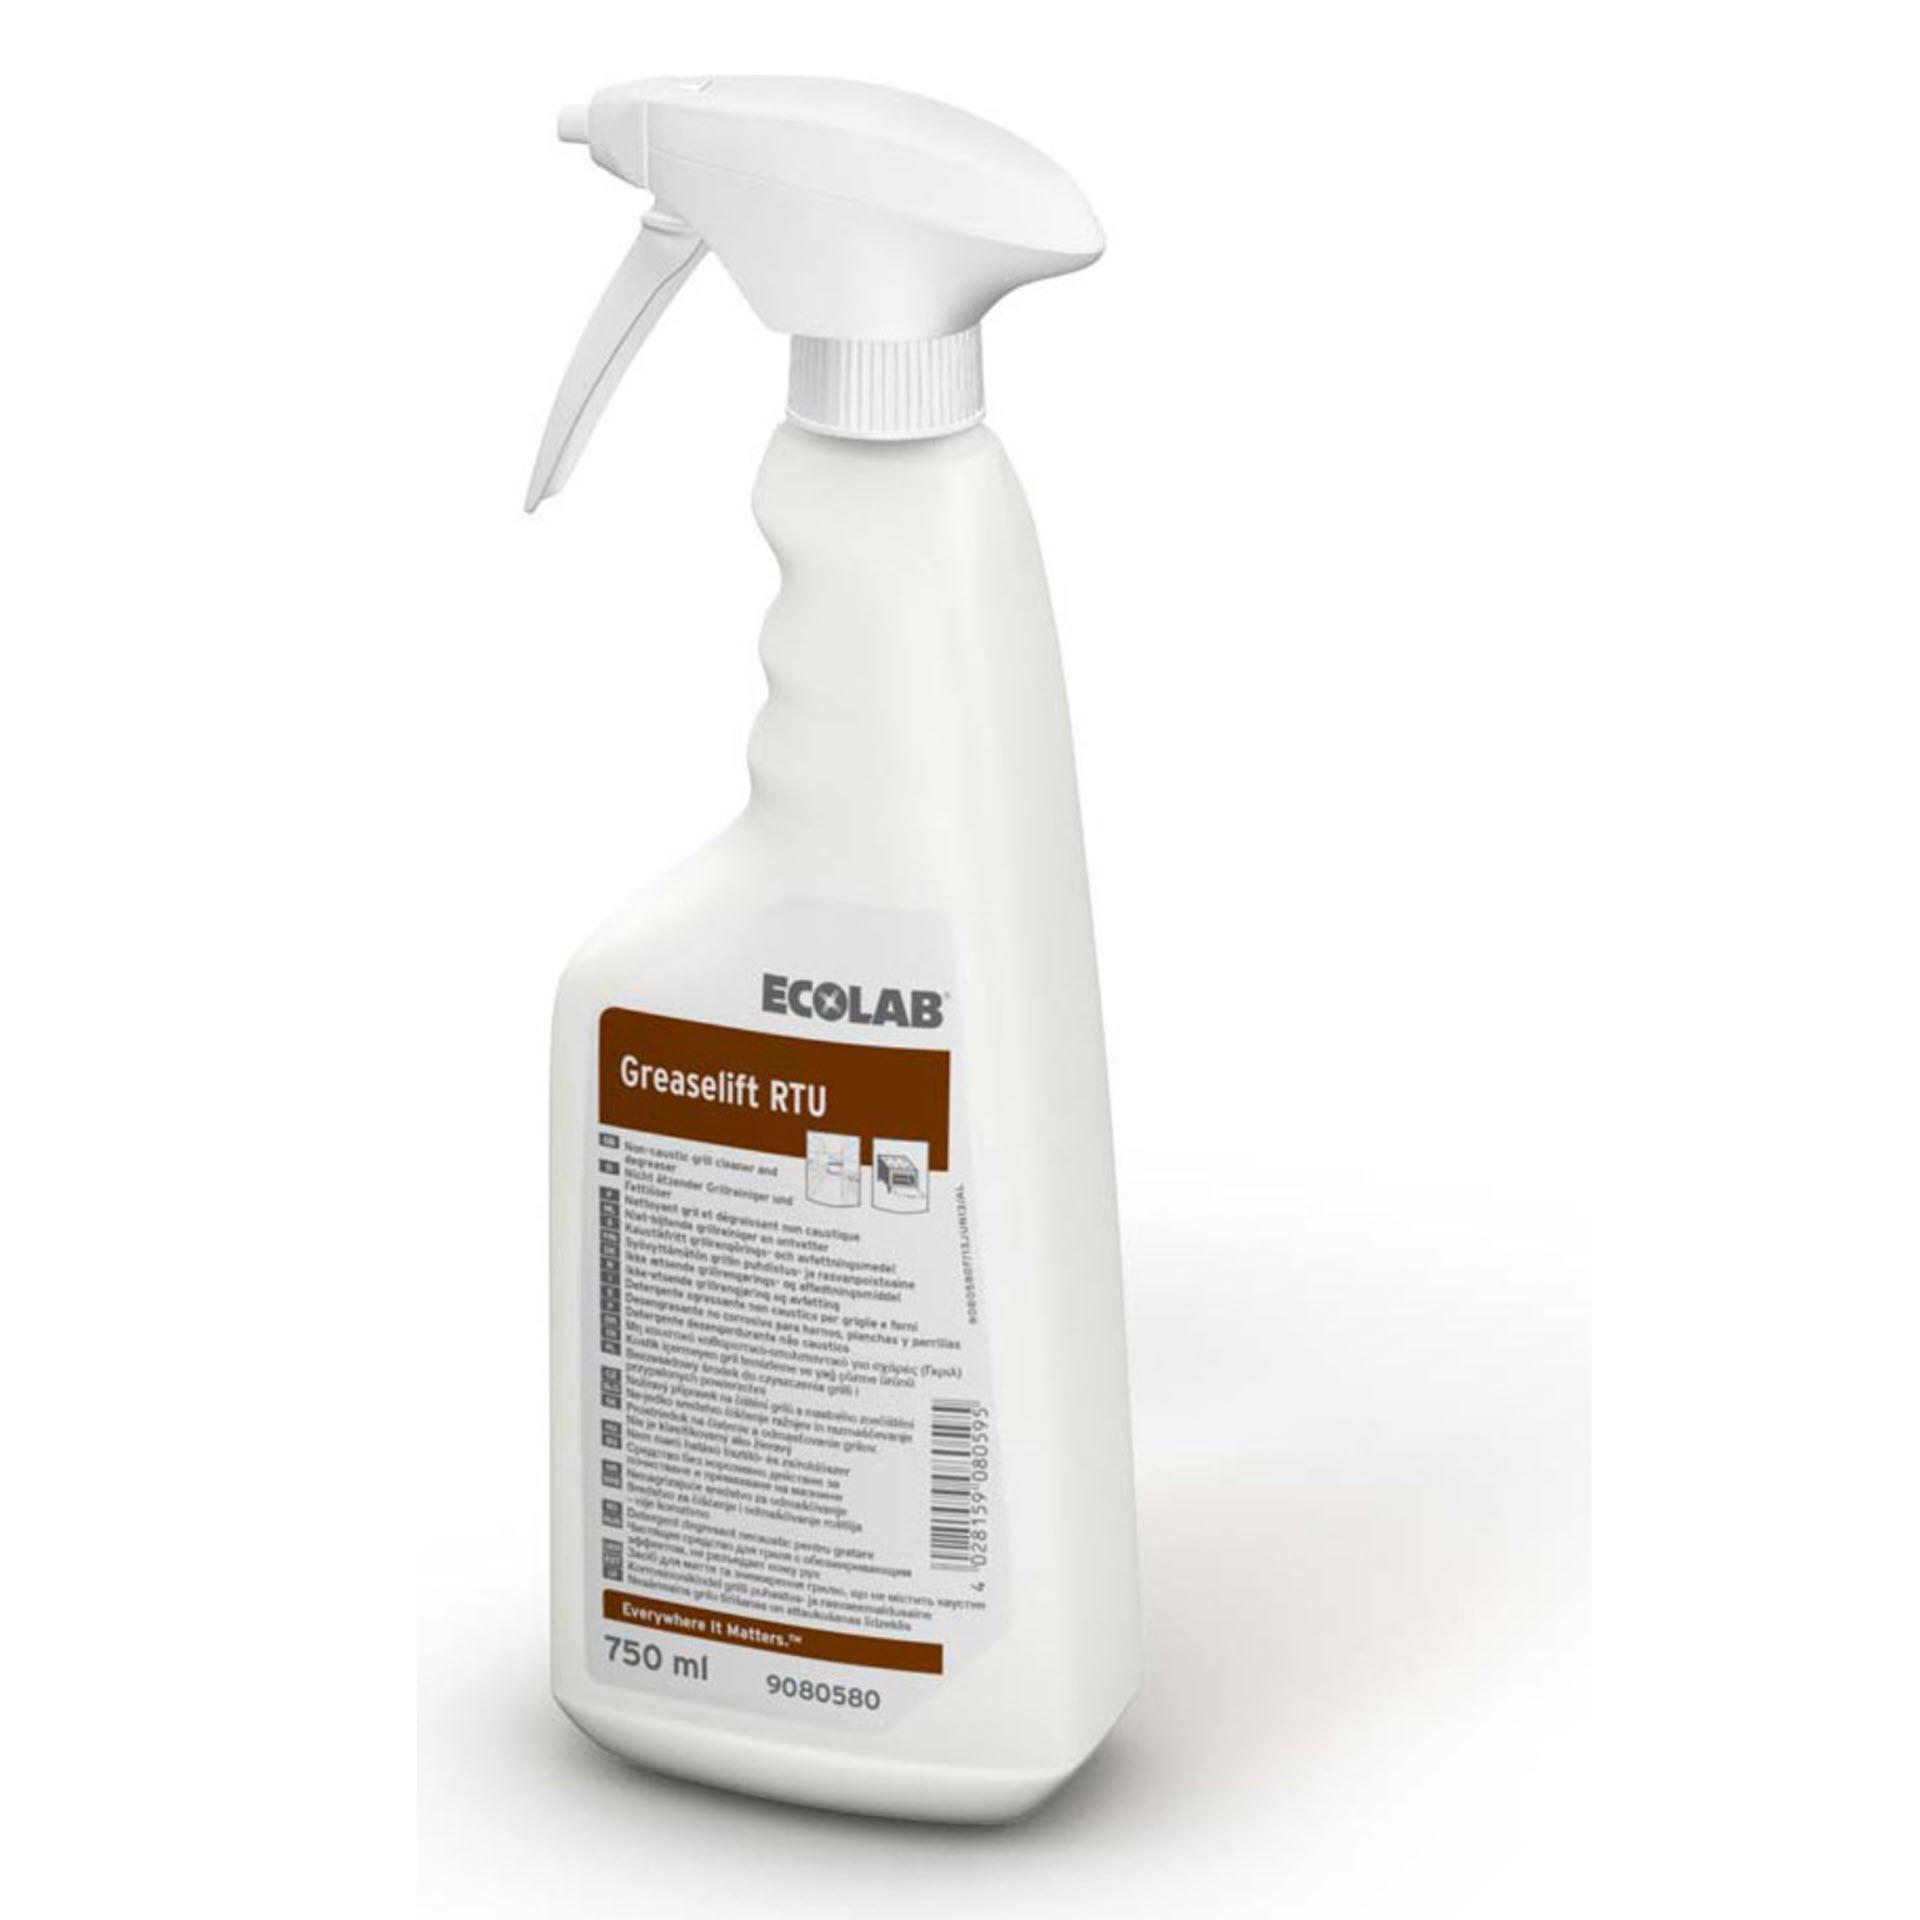 Ecolab Greaselift RTU Fettlöser & Grillreiniger - 750 ml Flasche